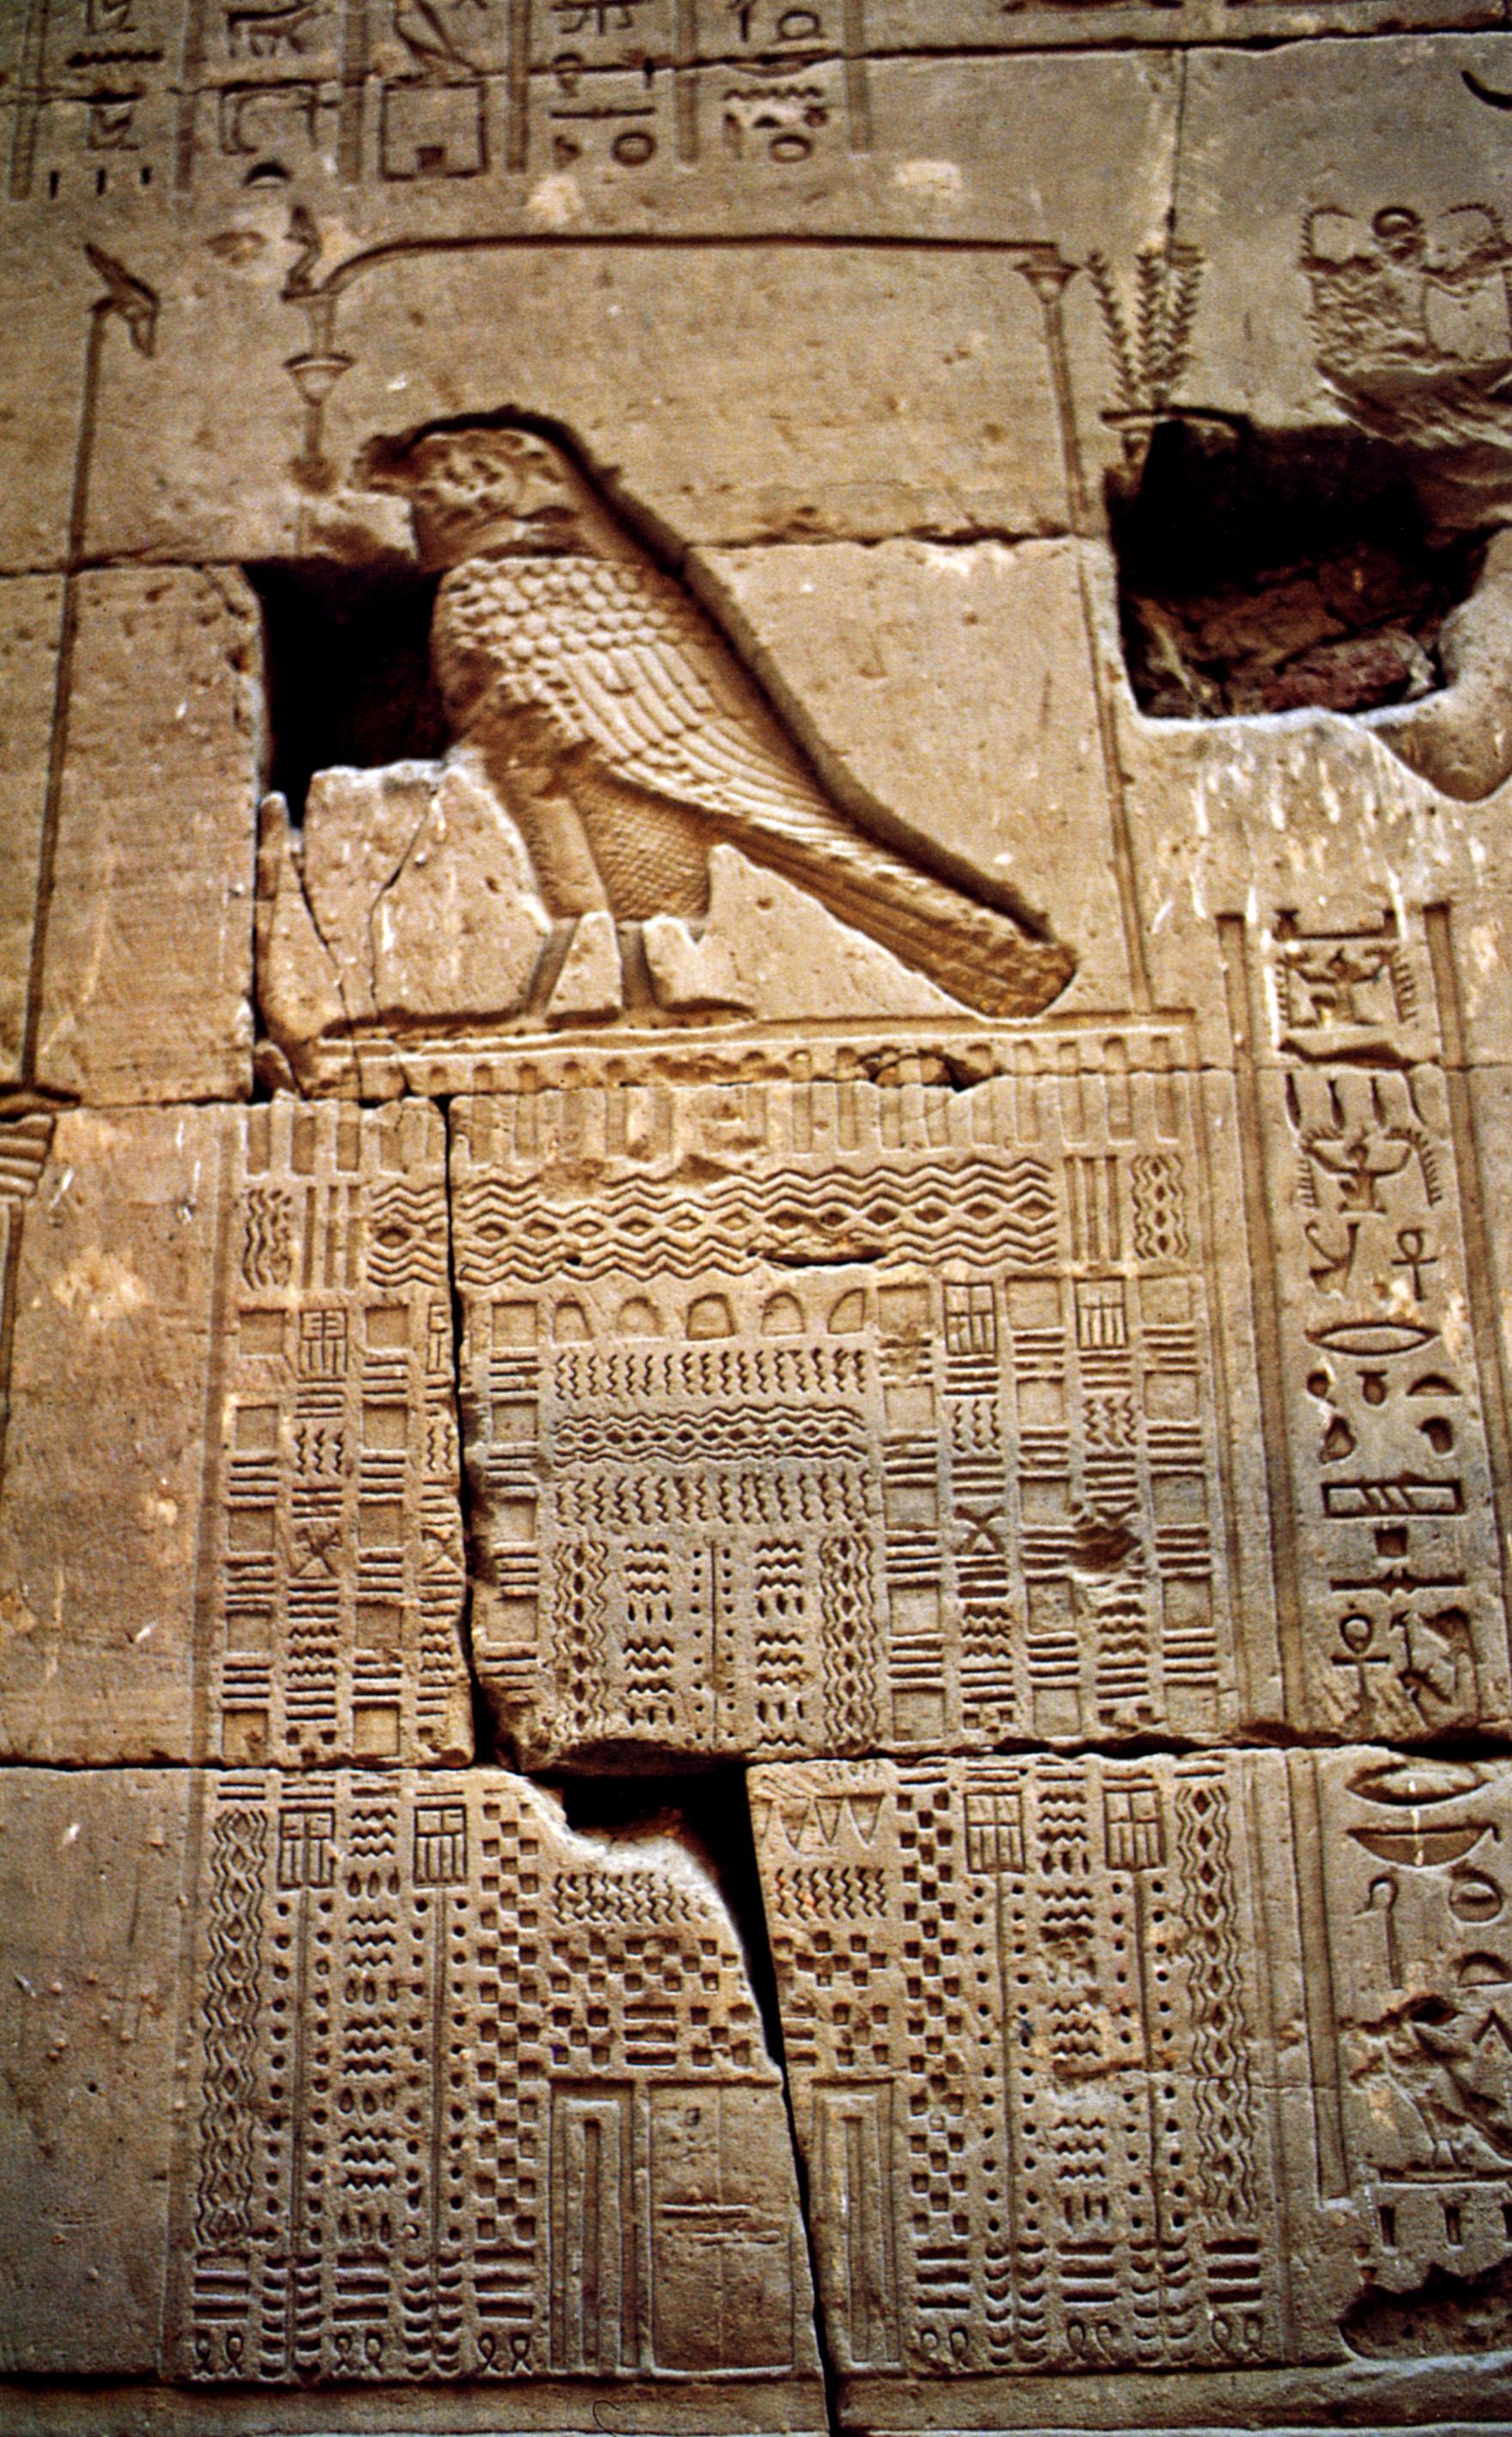 ecriture-hieroglyphique-egyptienne_02